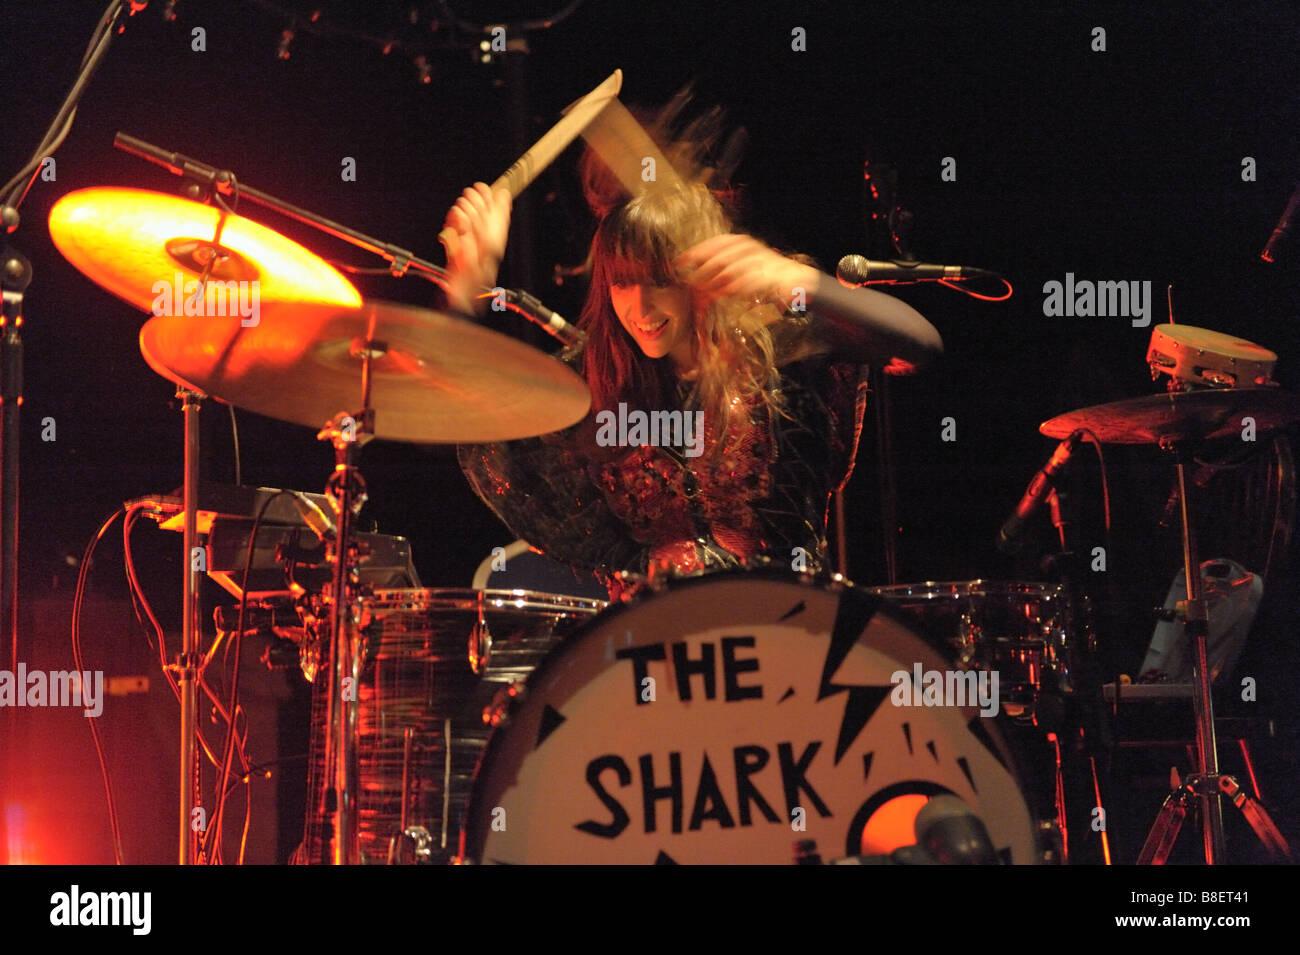 Brother and sister, new band, Joe Gideon and The Shark gig at Wolverhampton, January 2009. Drummer Viva, - Stock Image